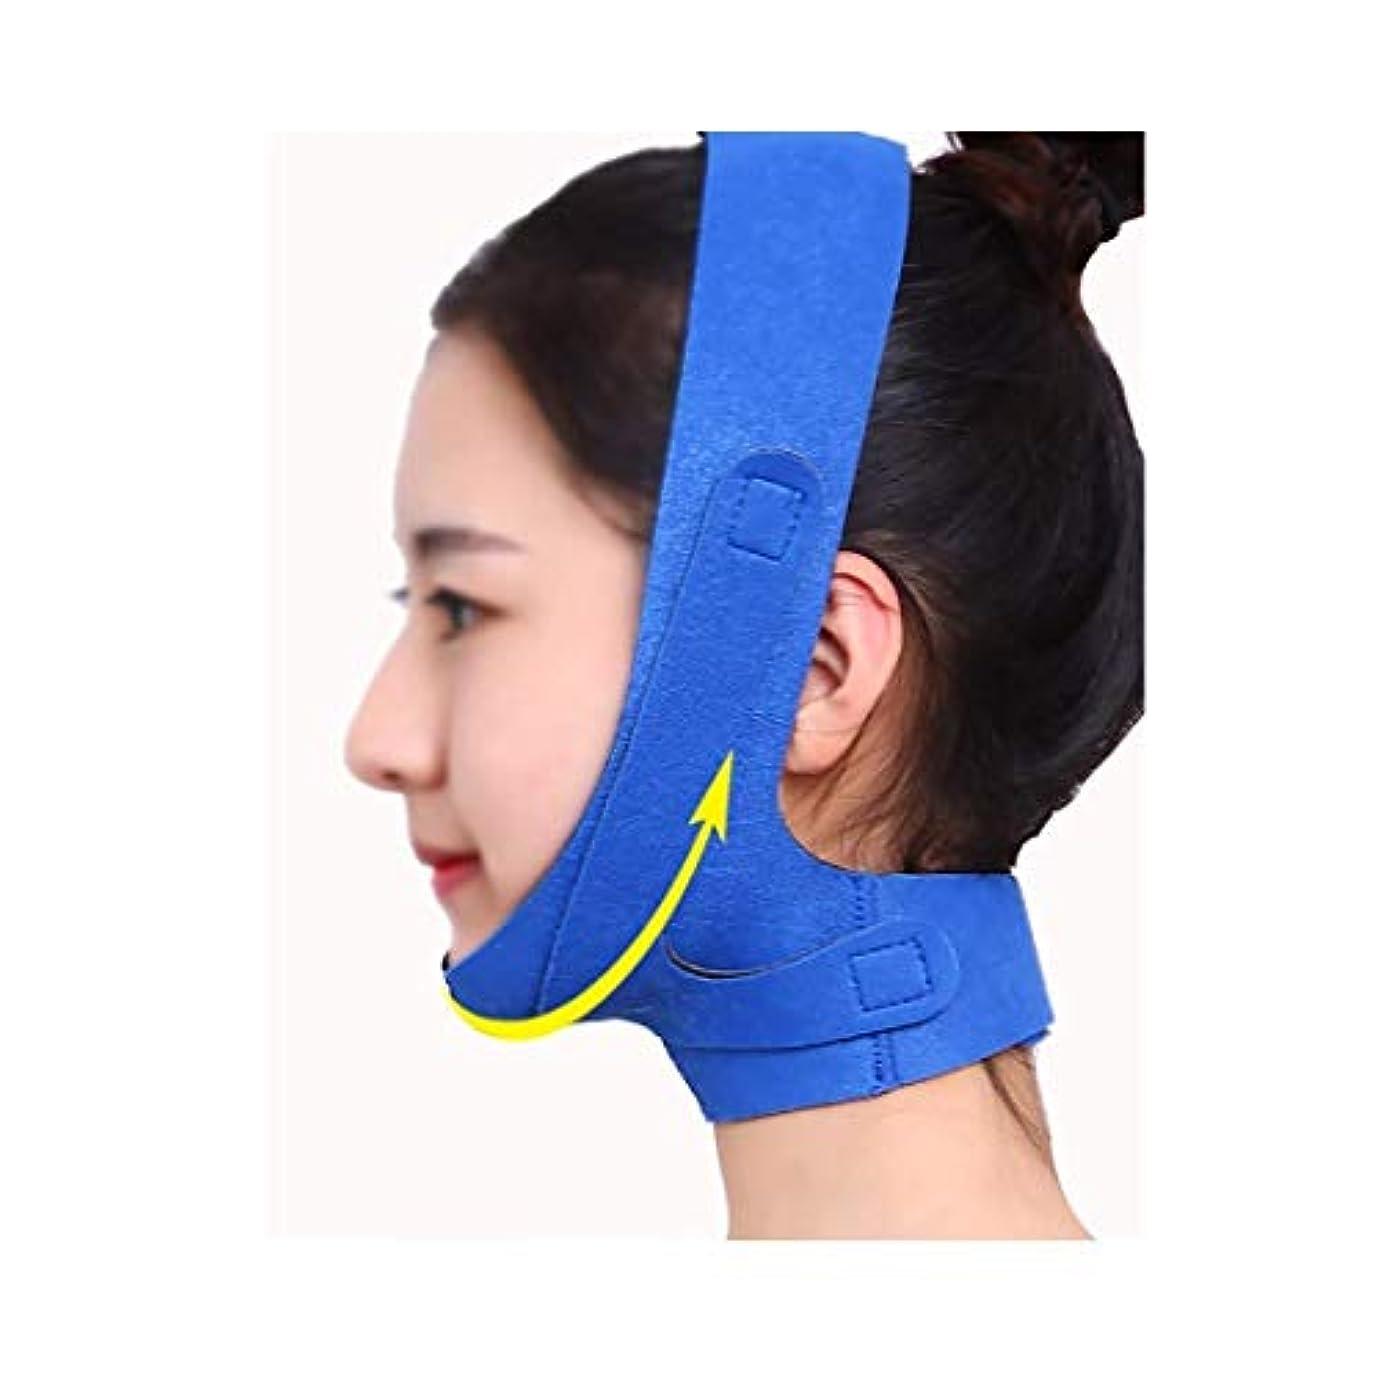 電圧燃やすランダムフェイスリフトマスク、あごストラップ回復包帯睡眠薄いフェイスバンデージ薄いフェイスマスクフェイスリフトアーティファクトフェイスリフト美容マスク包帯青いフェイスマスクで小さなV顔を強化するには